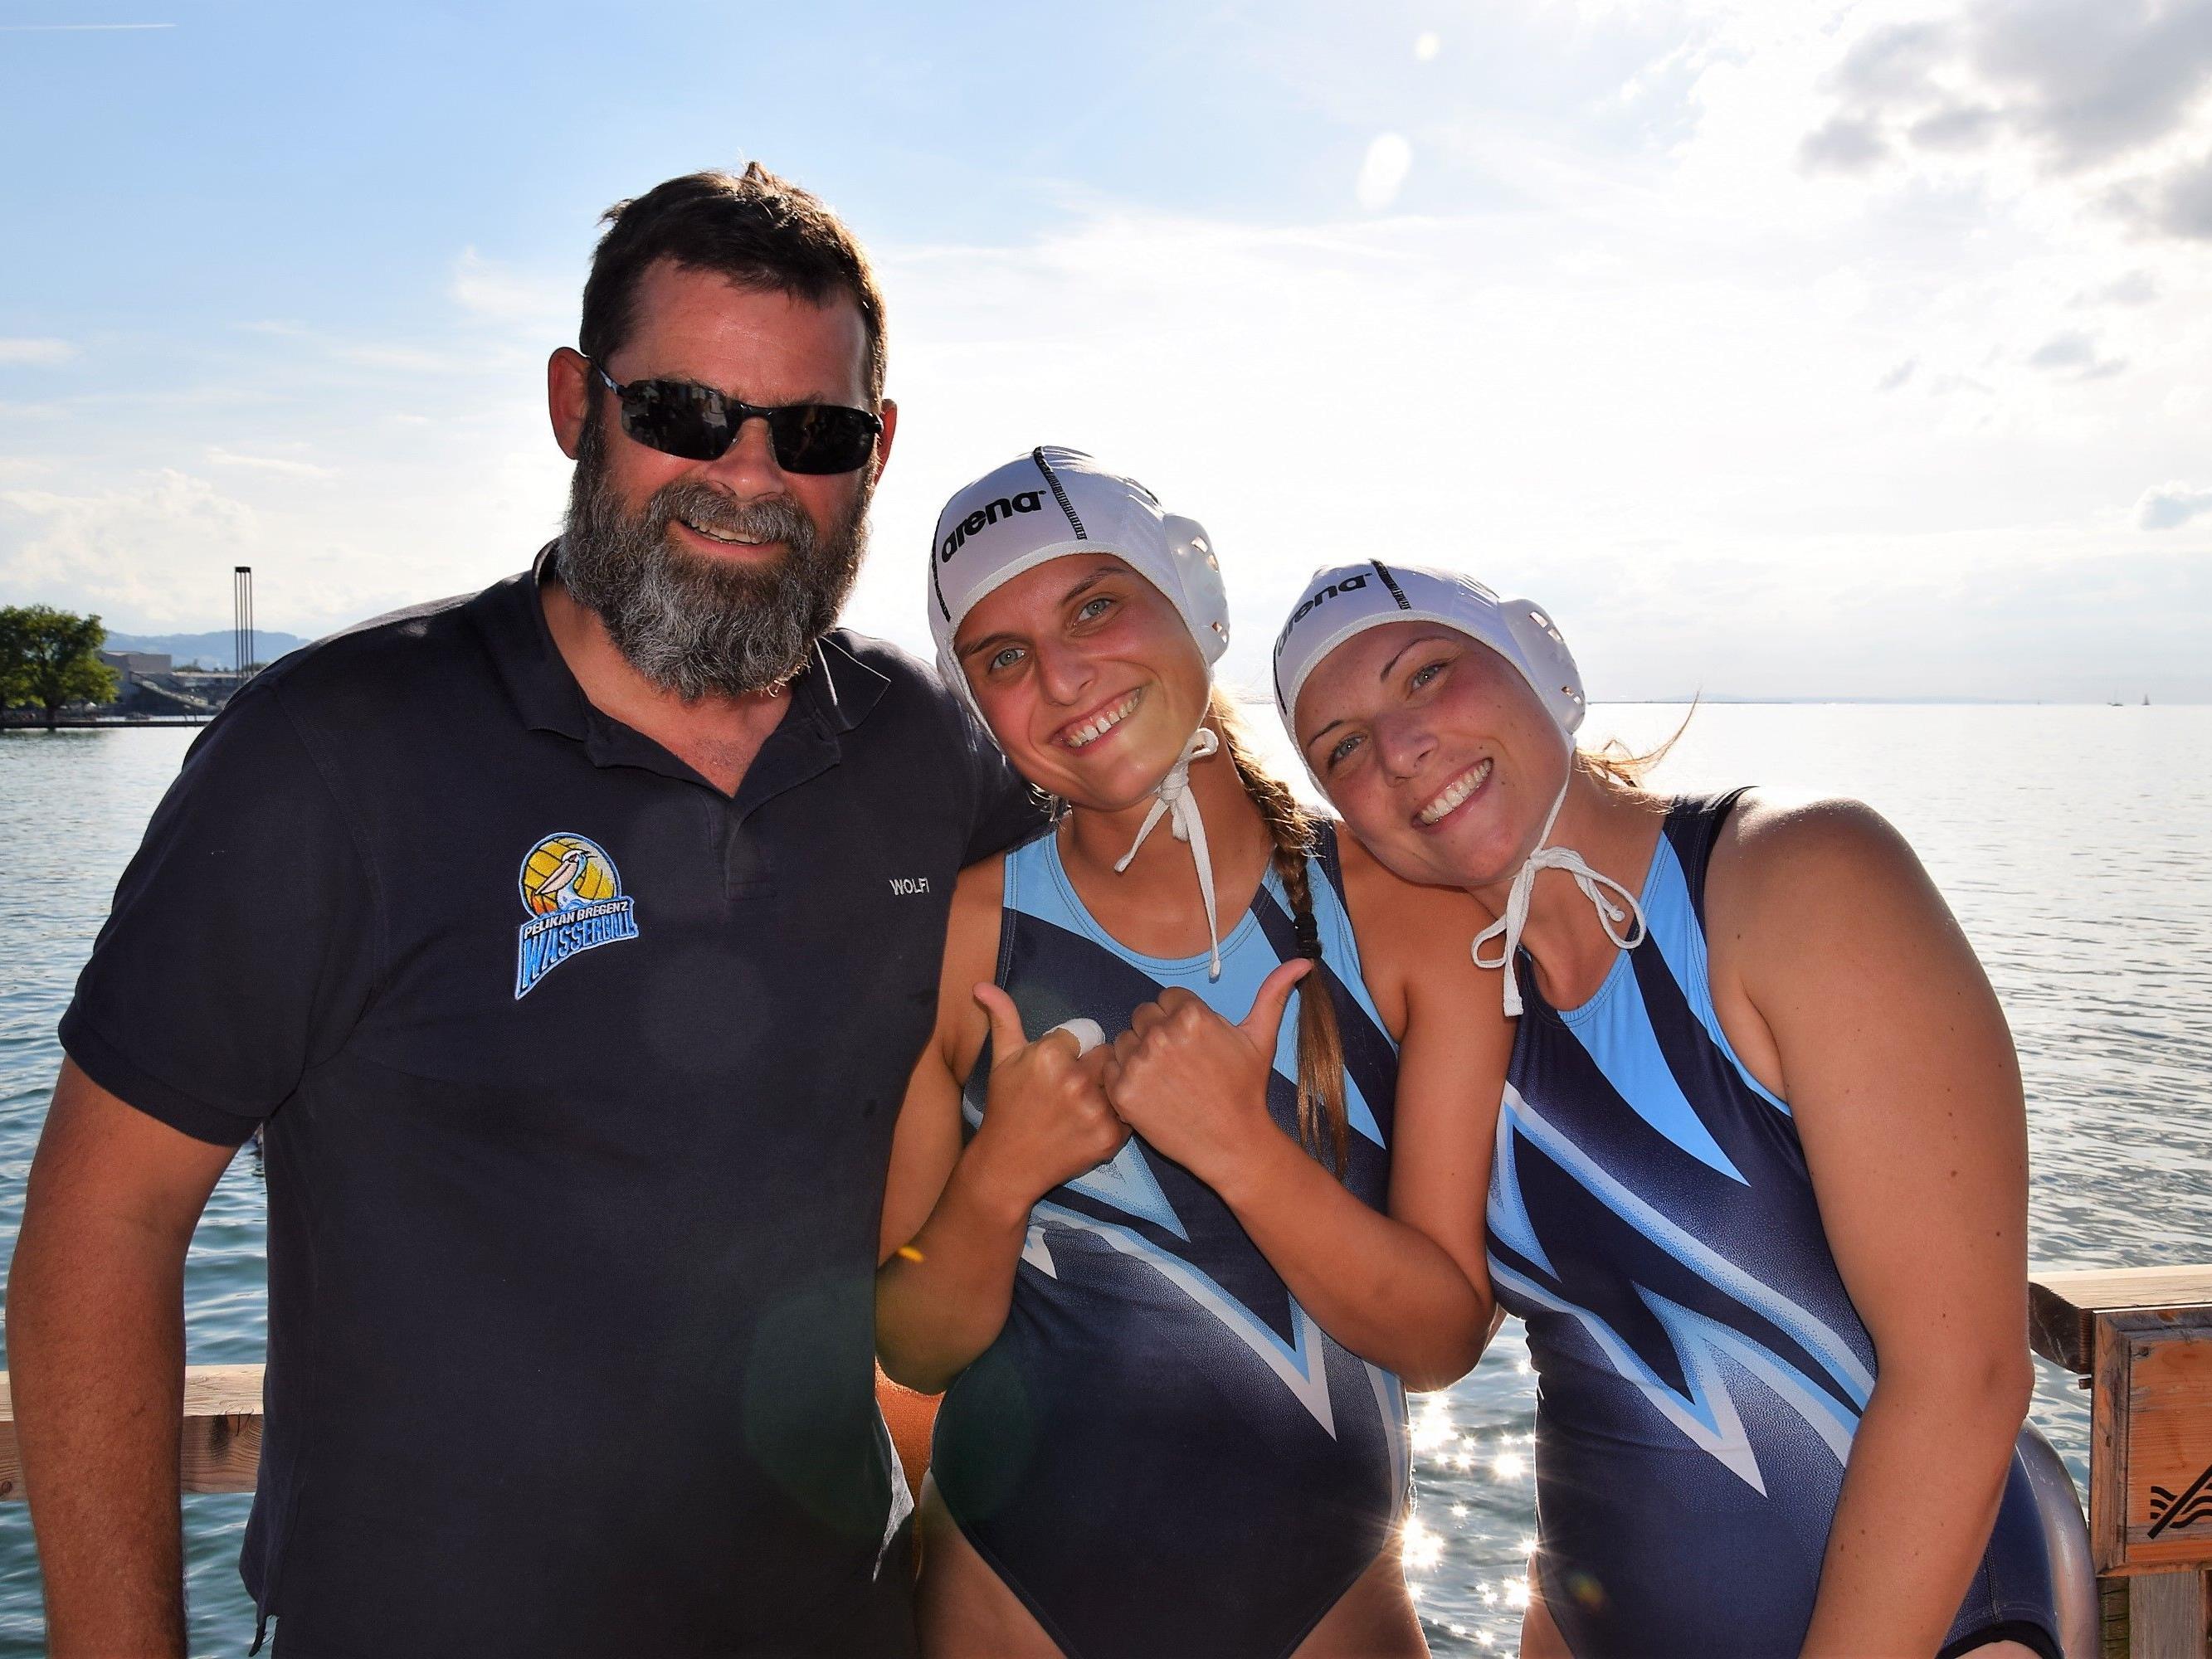 Pelikan Bregenz organisierte wieder einen Bodensee-Cup in der einmaligen Atmosphäre der Mili